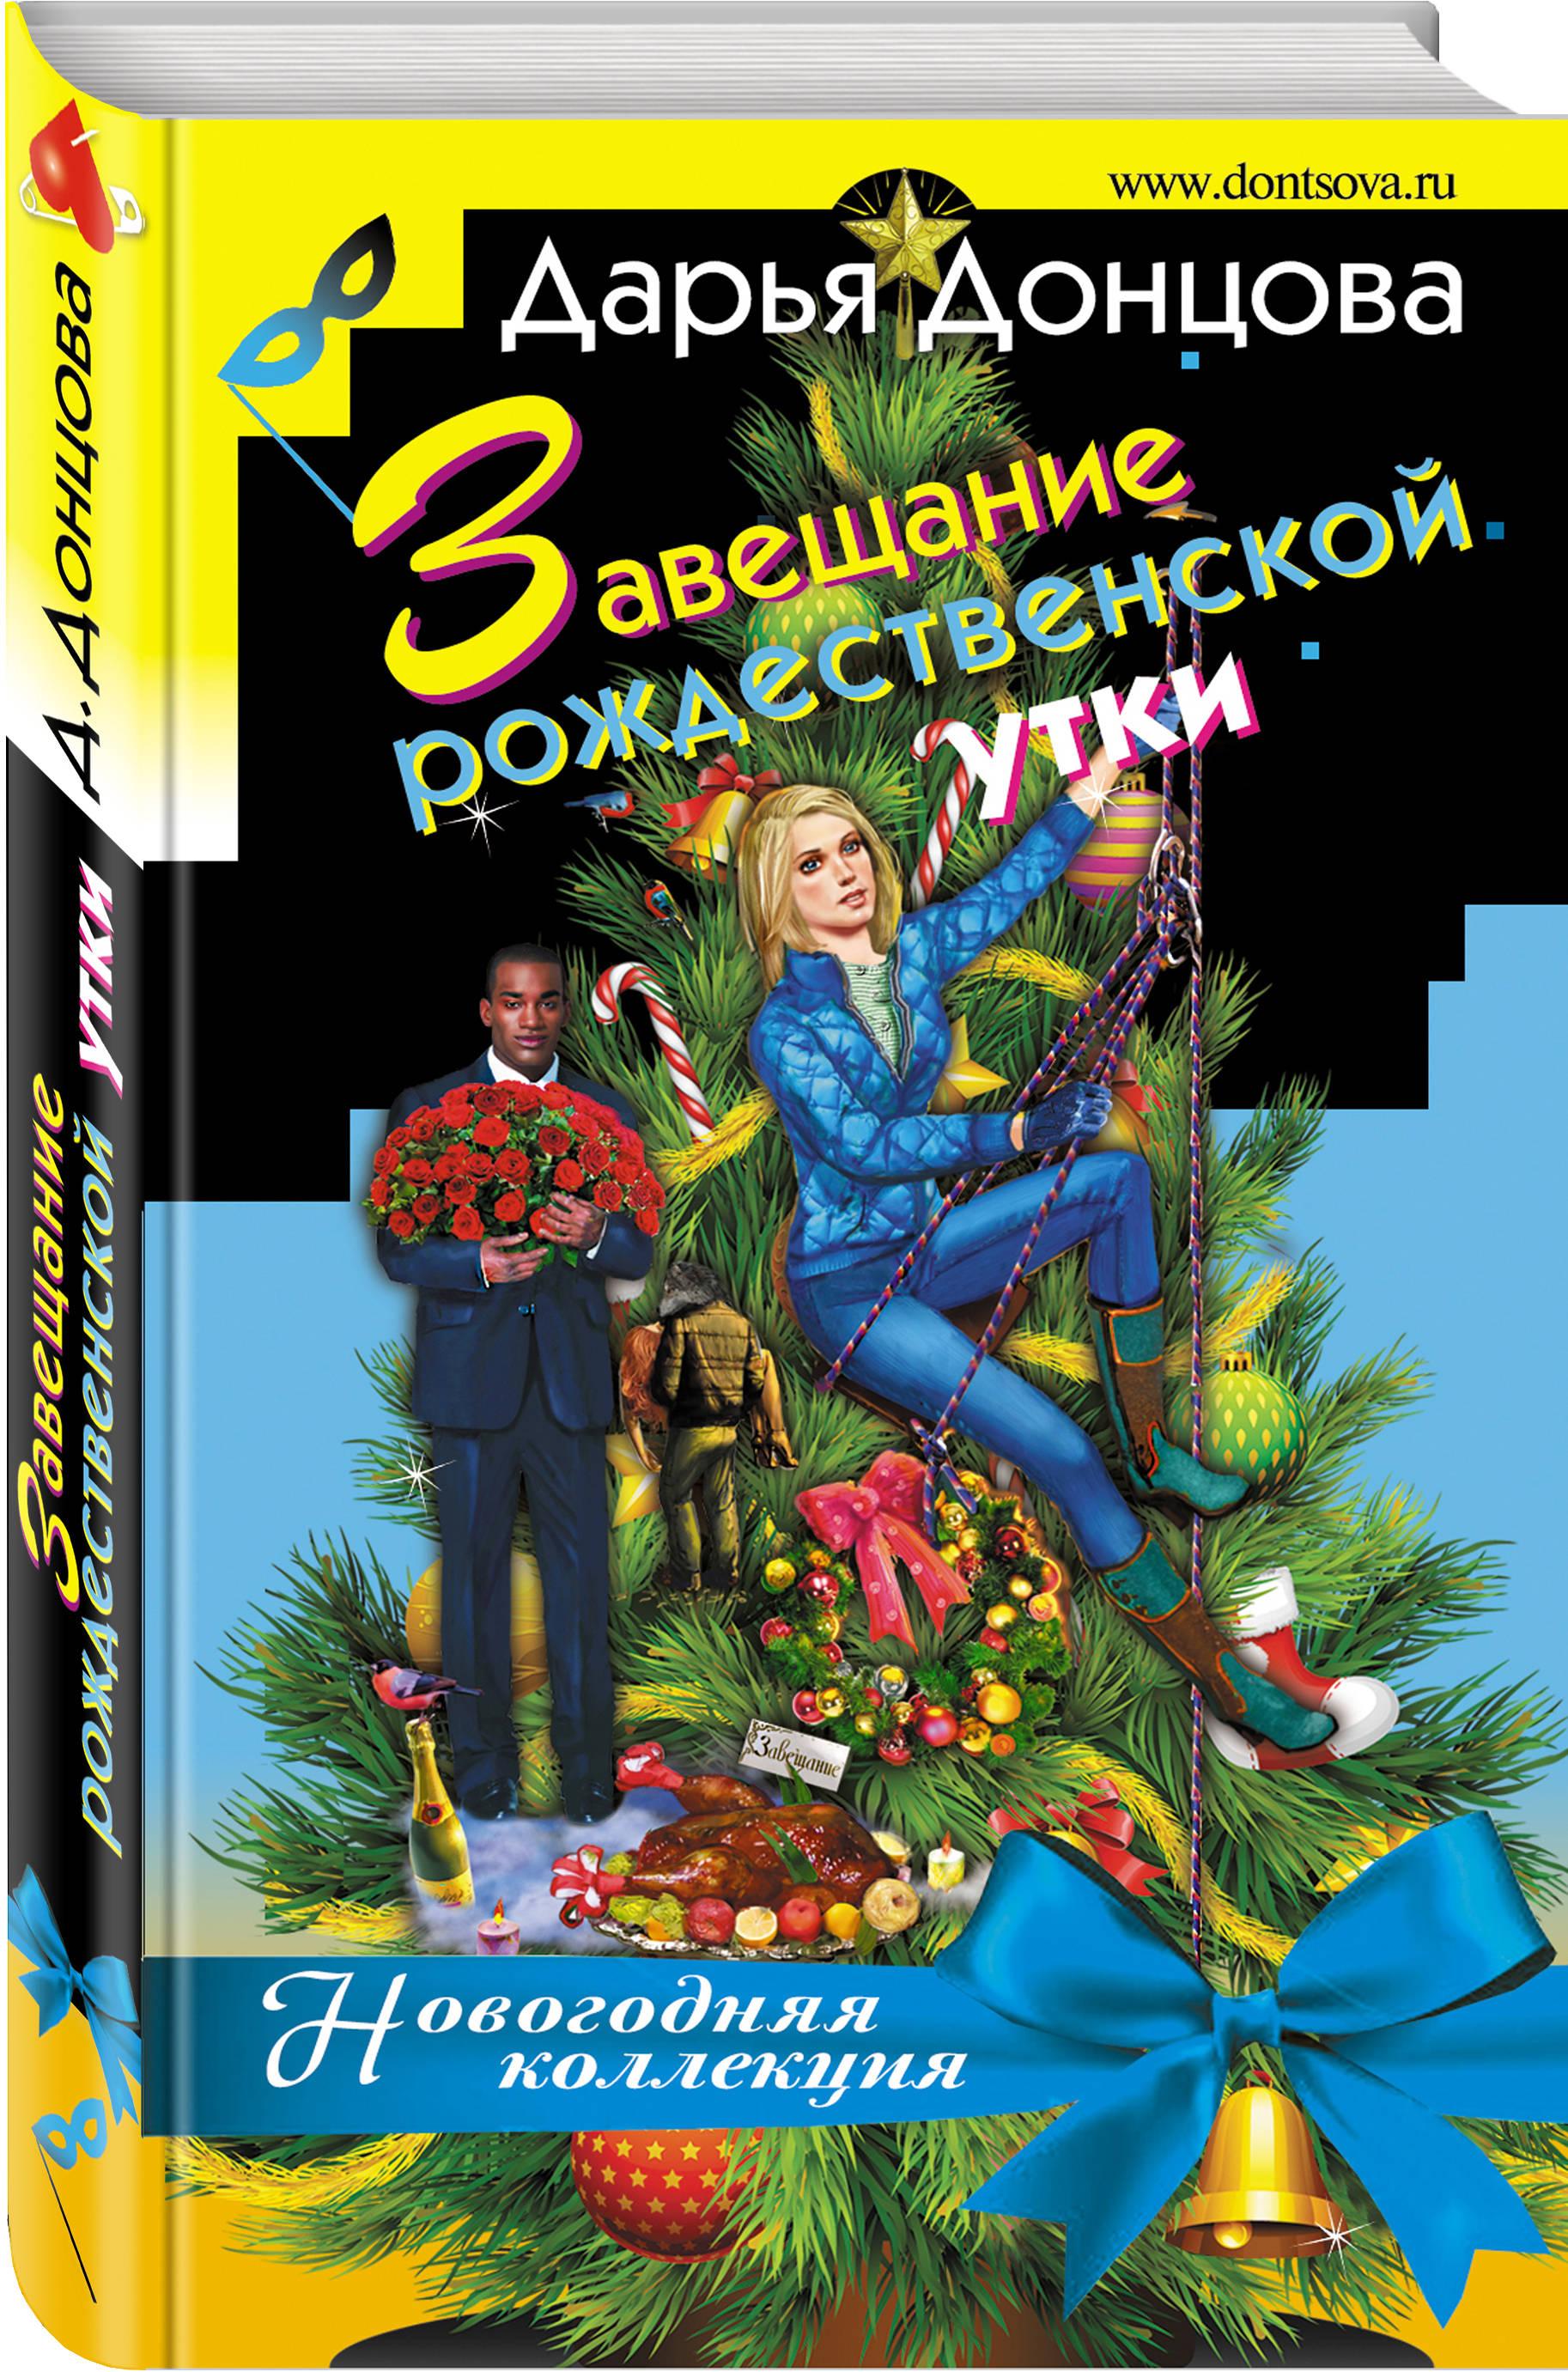 Донцова Дарья Аркадьевна Завещание рождественской утки